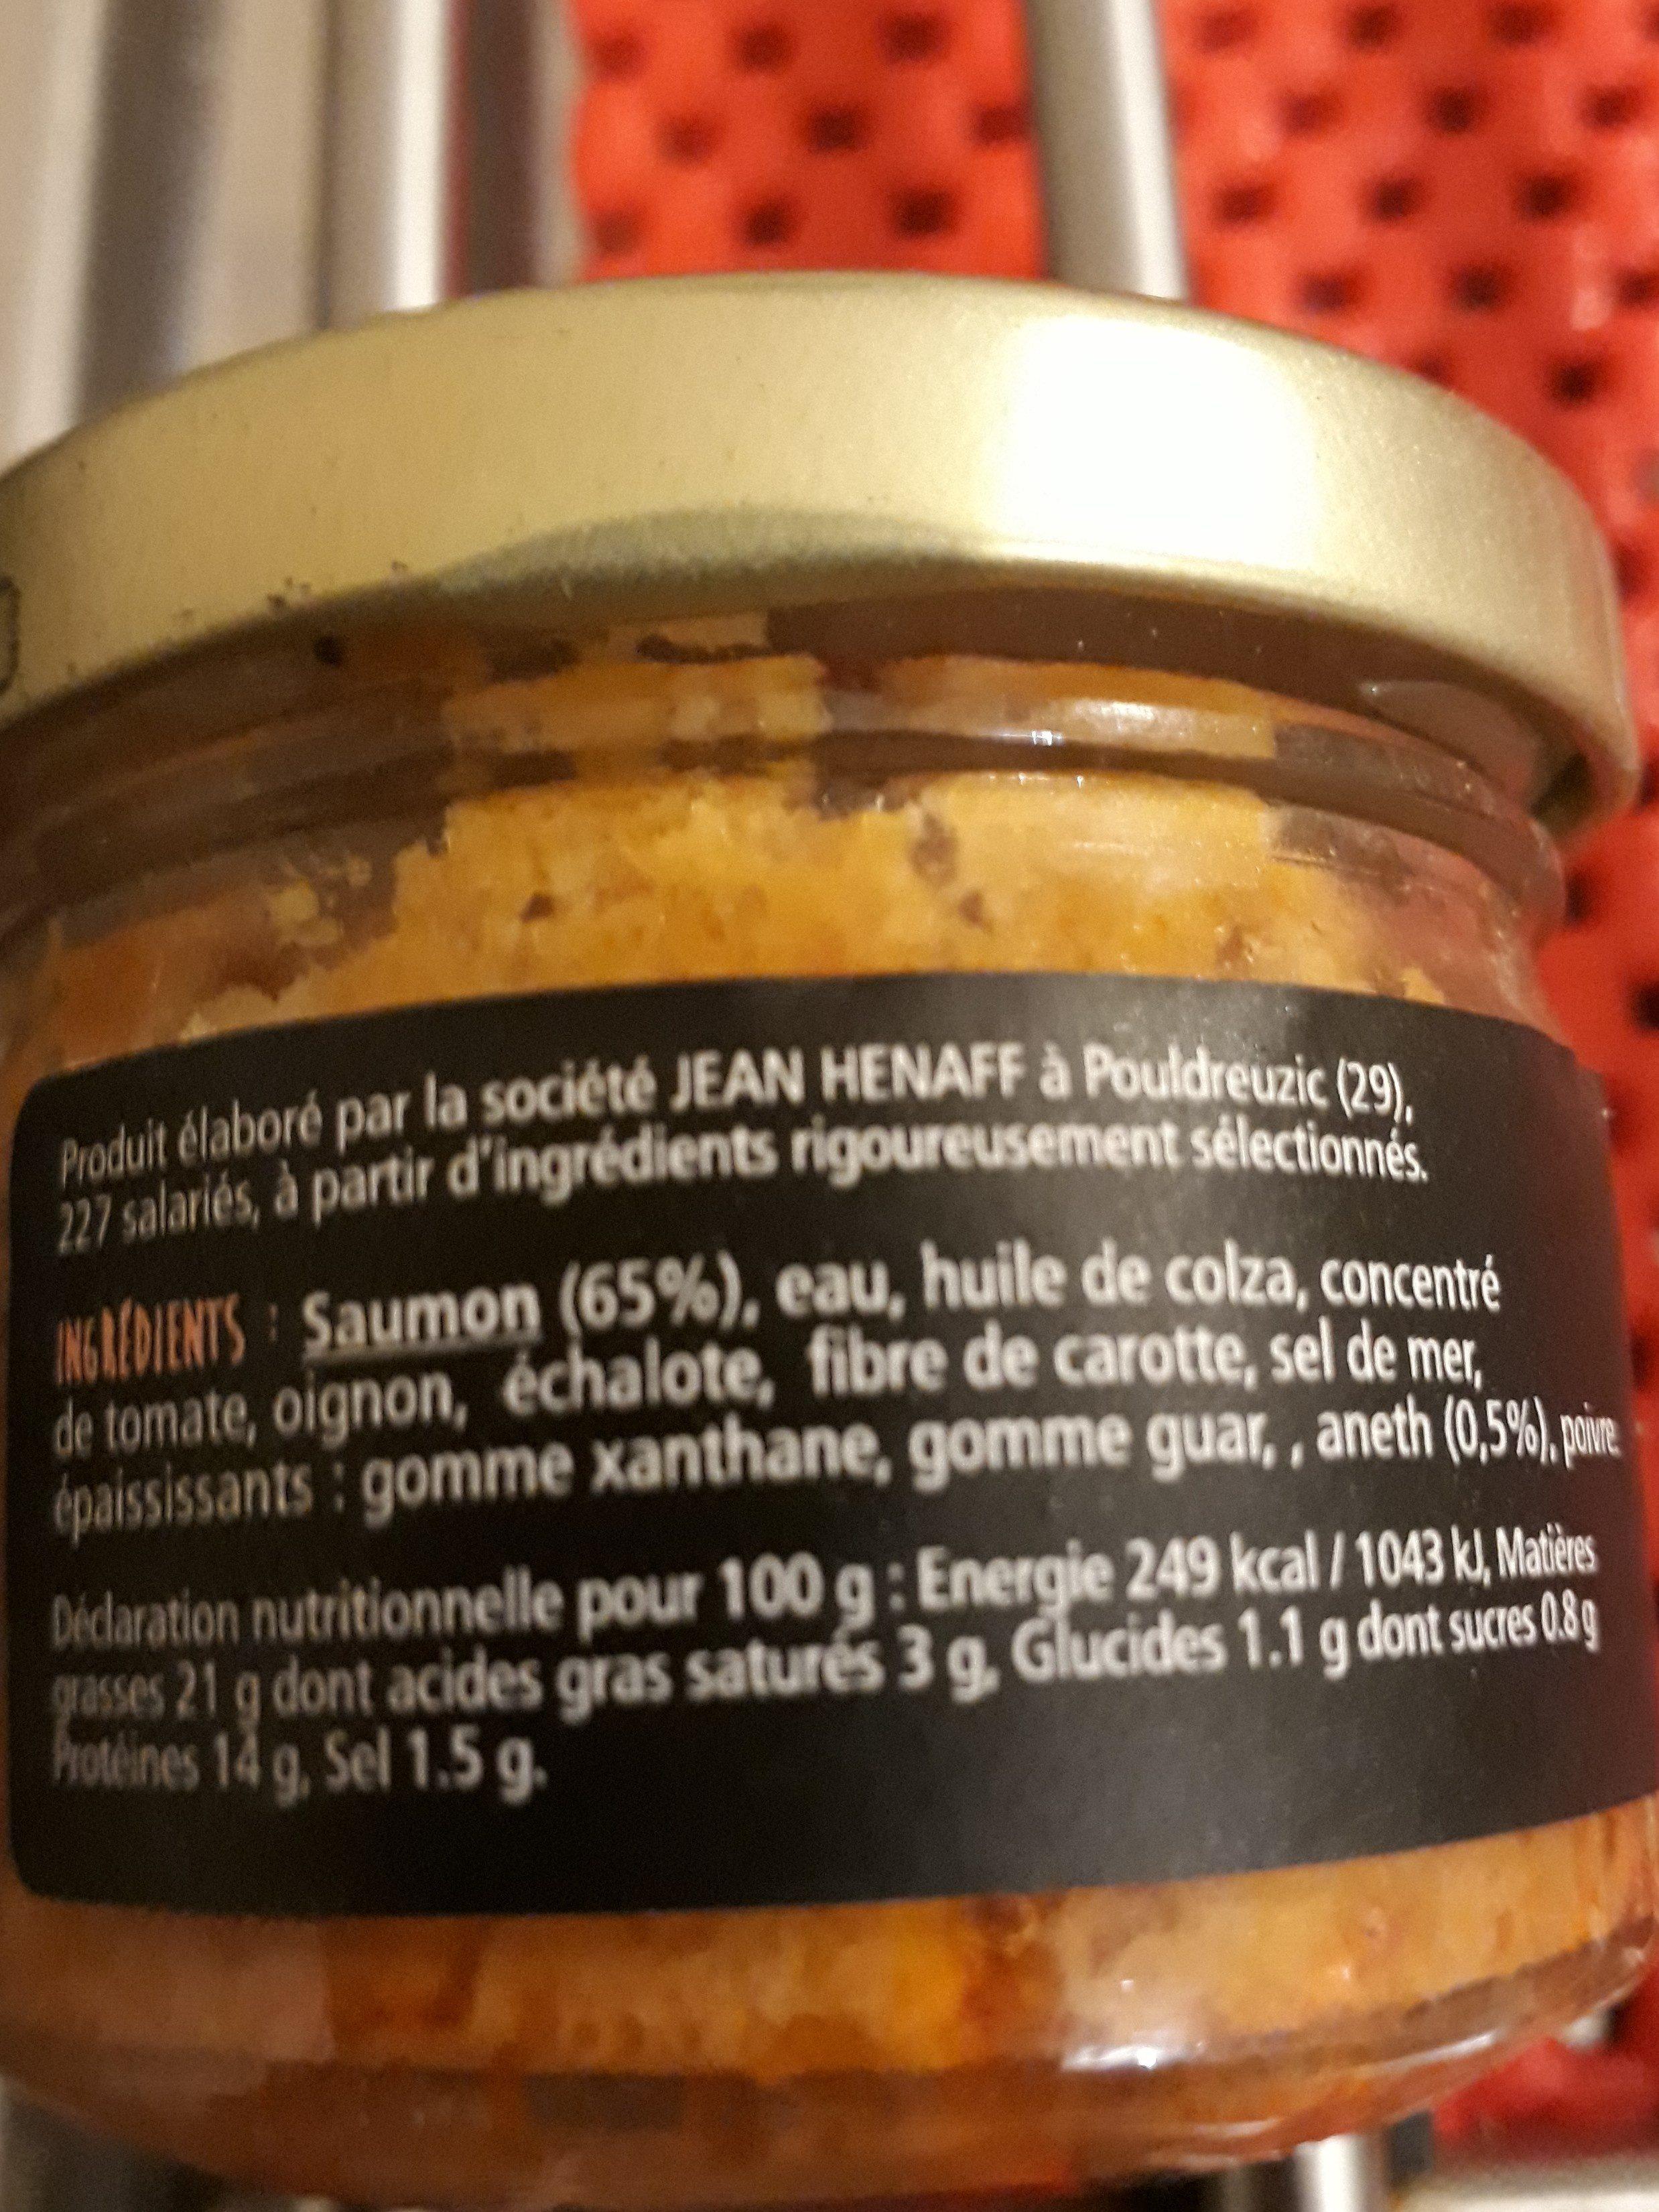 Rillettes de saumon à l'aneth - Ingredients